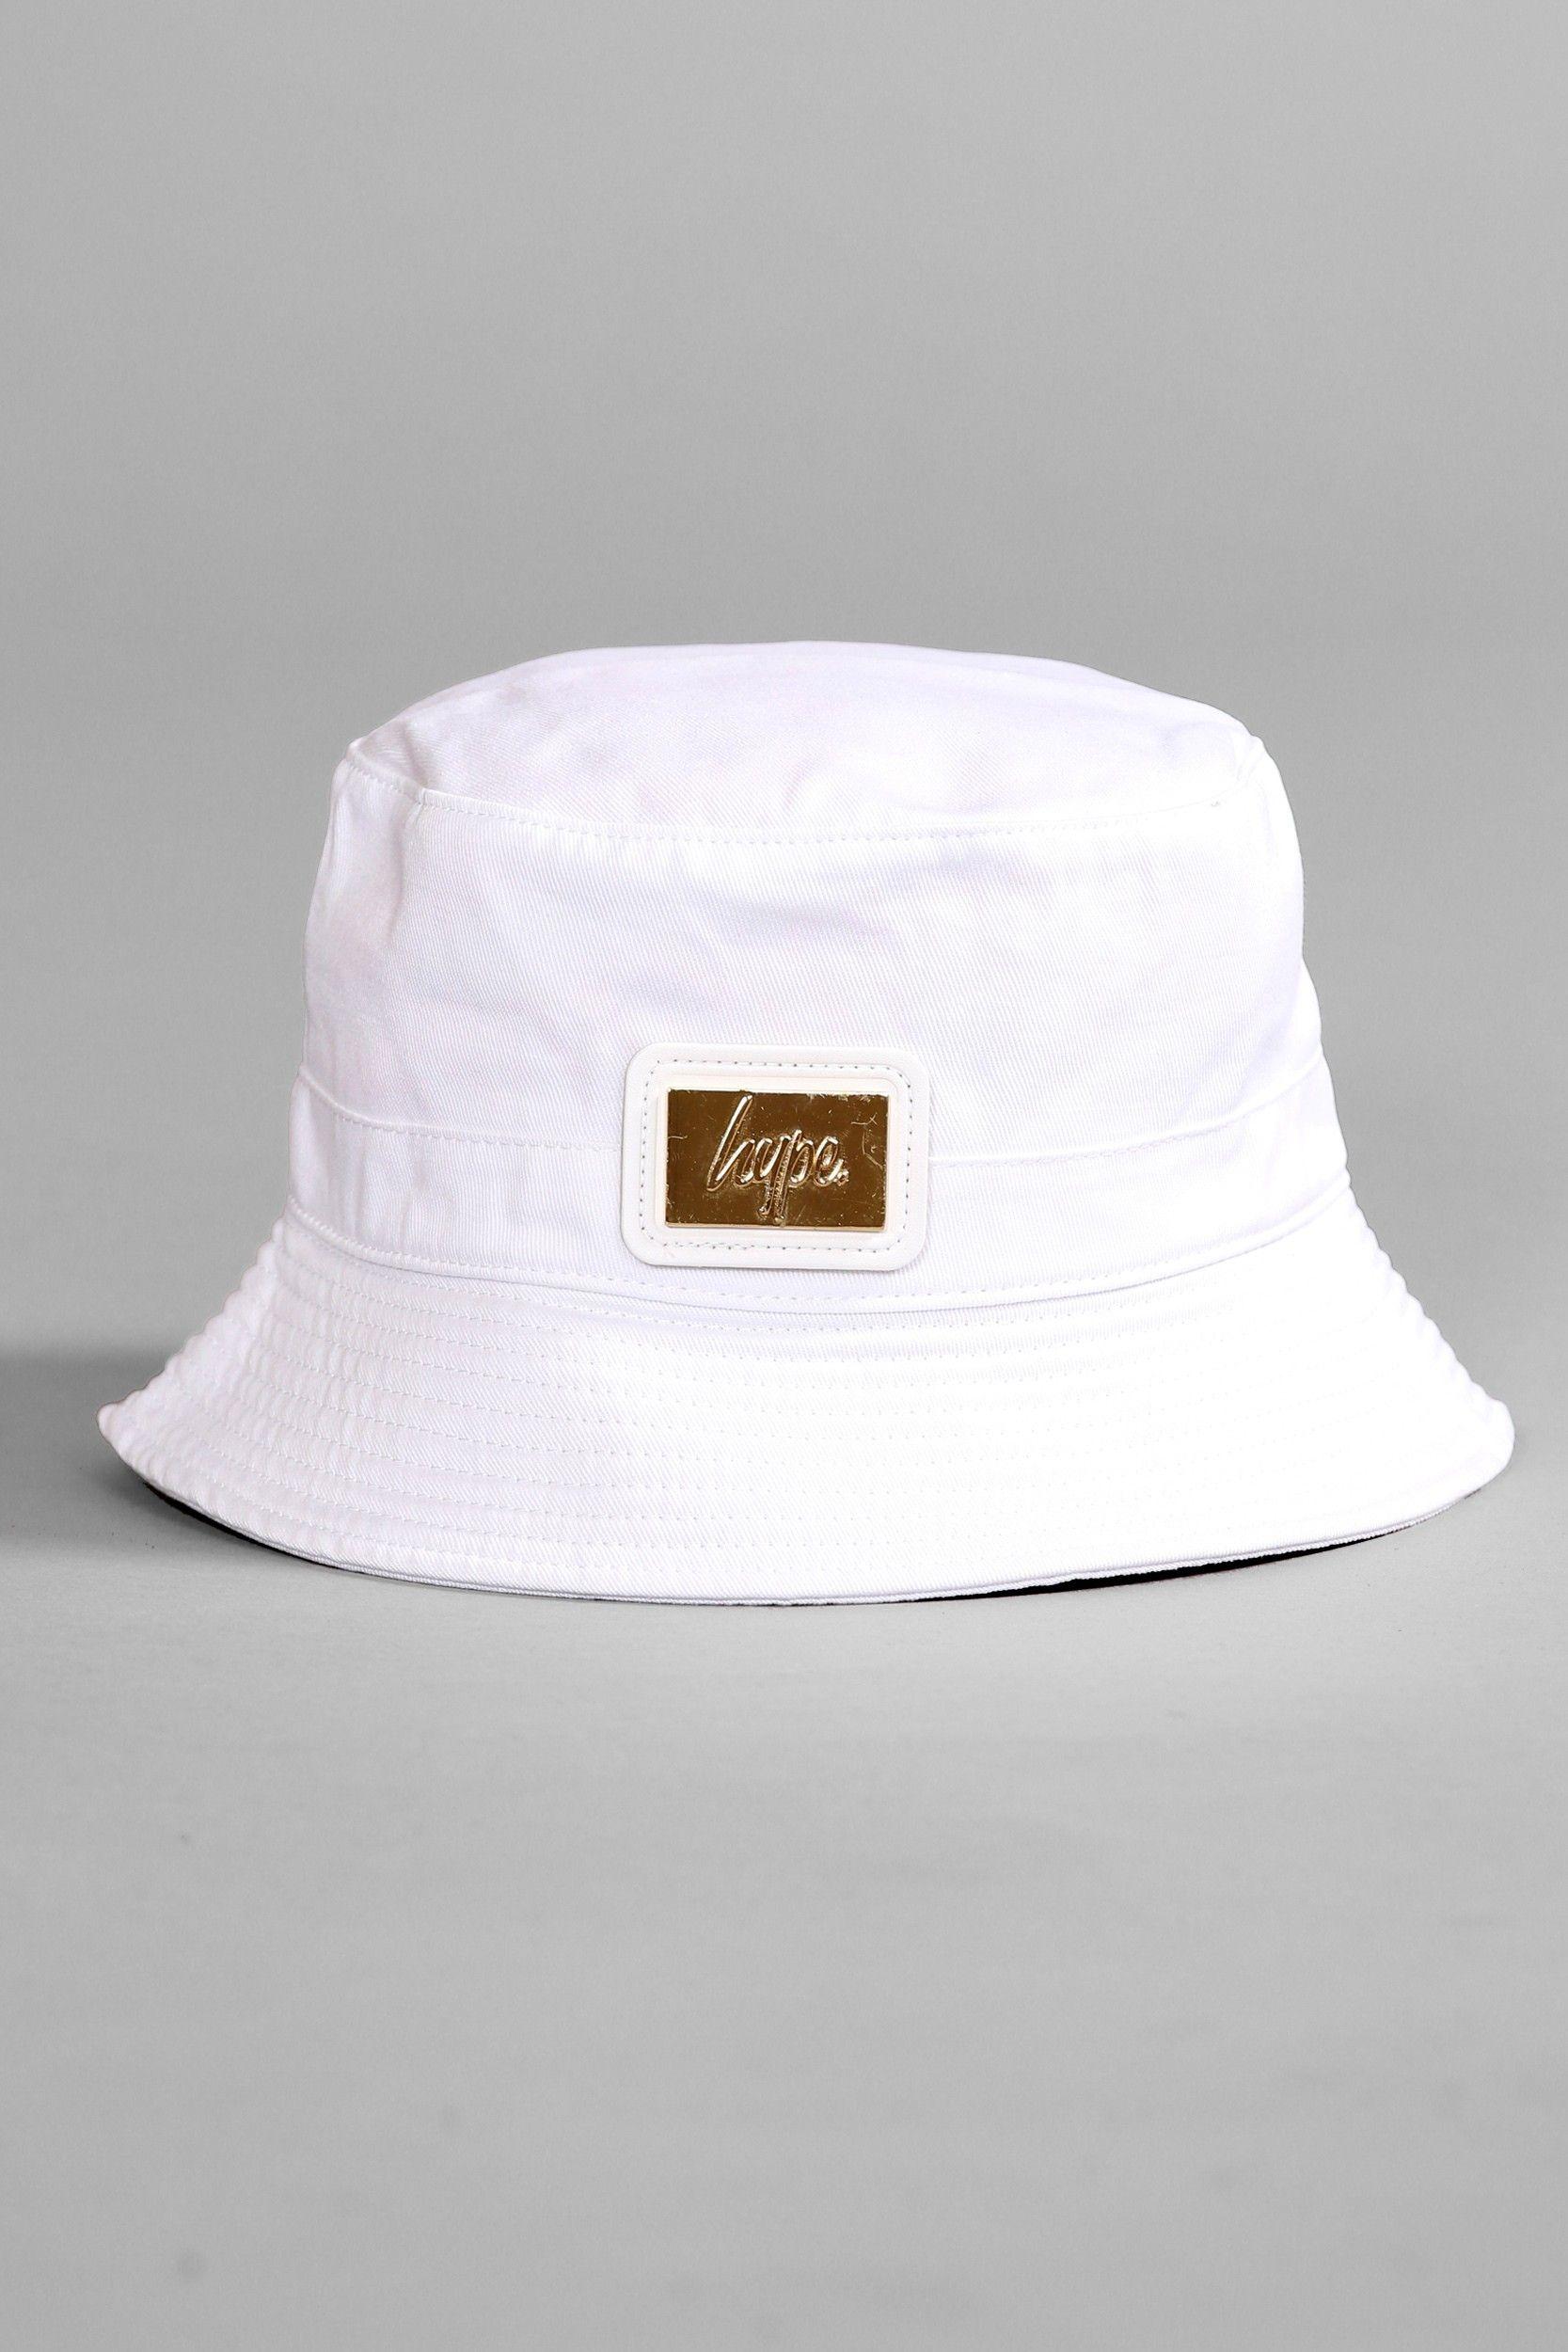 853f9a11d0 WHITE BUCKET HAT WITH GOLD PATCH Baldes, Bonés, Chapéus, Chapéu De